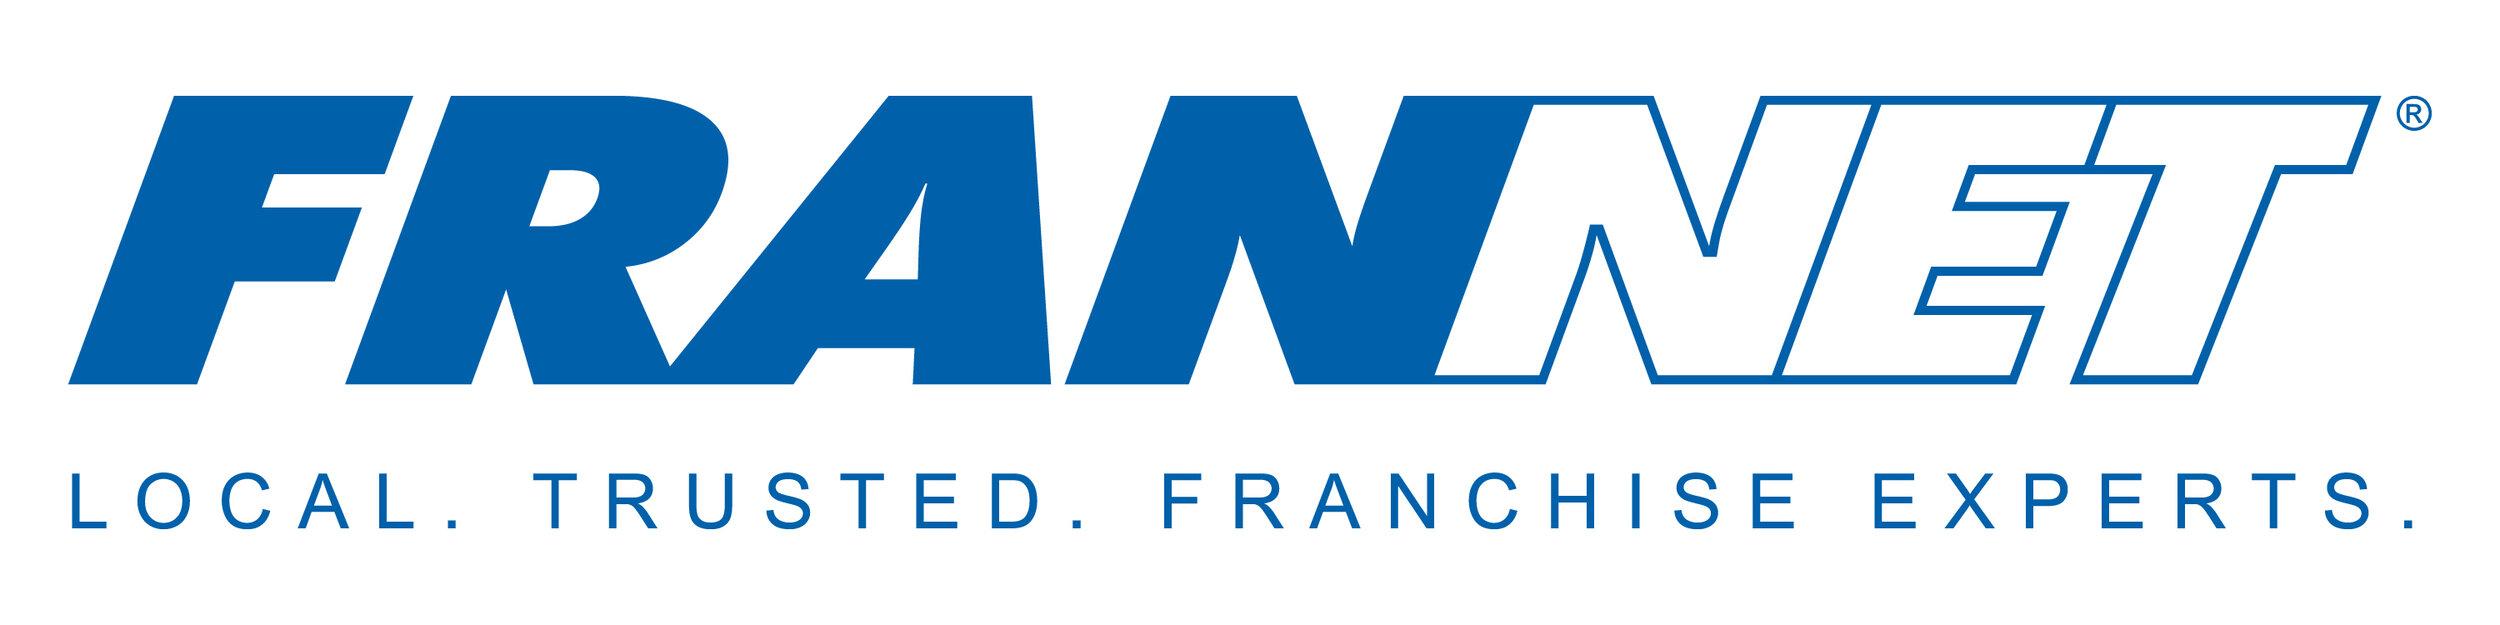 FranNet_logo_new (1).jpg